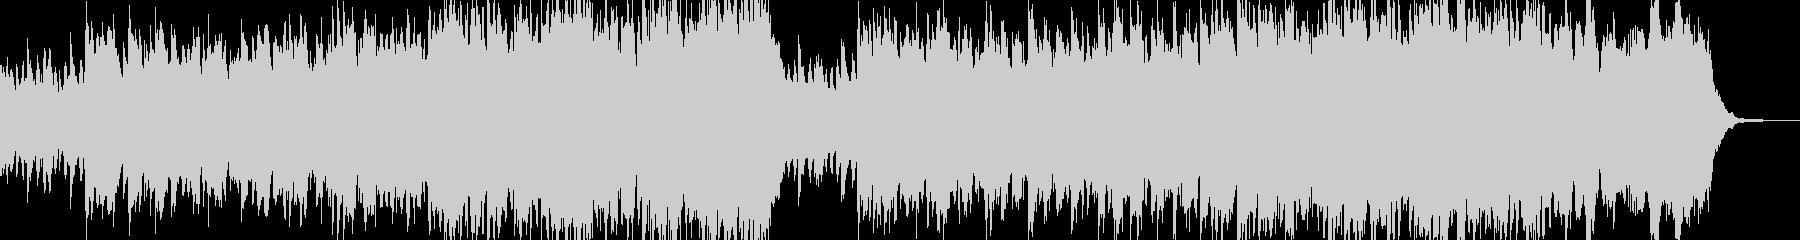 奇妙で陰気なダークサウンドの未再生の波形